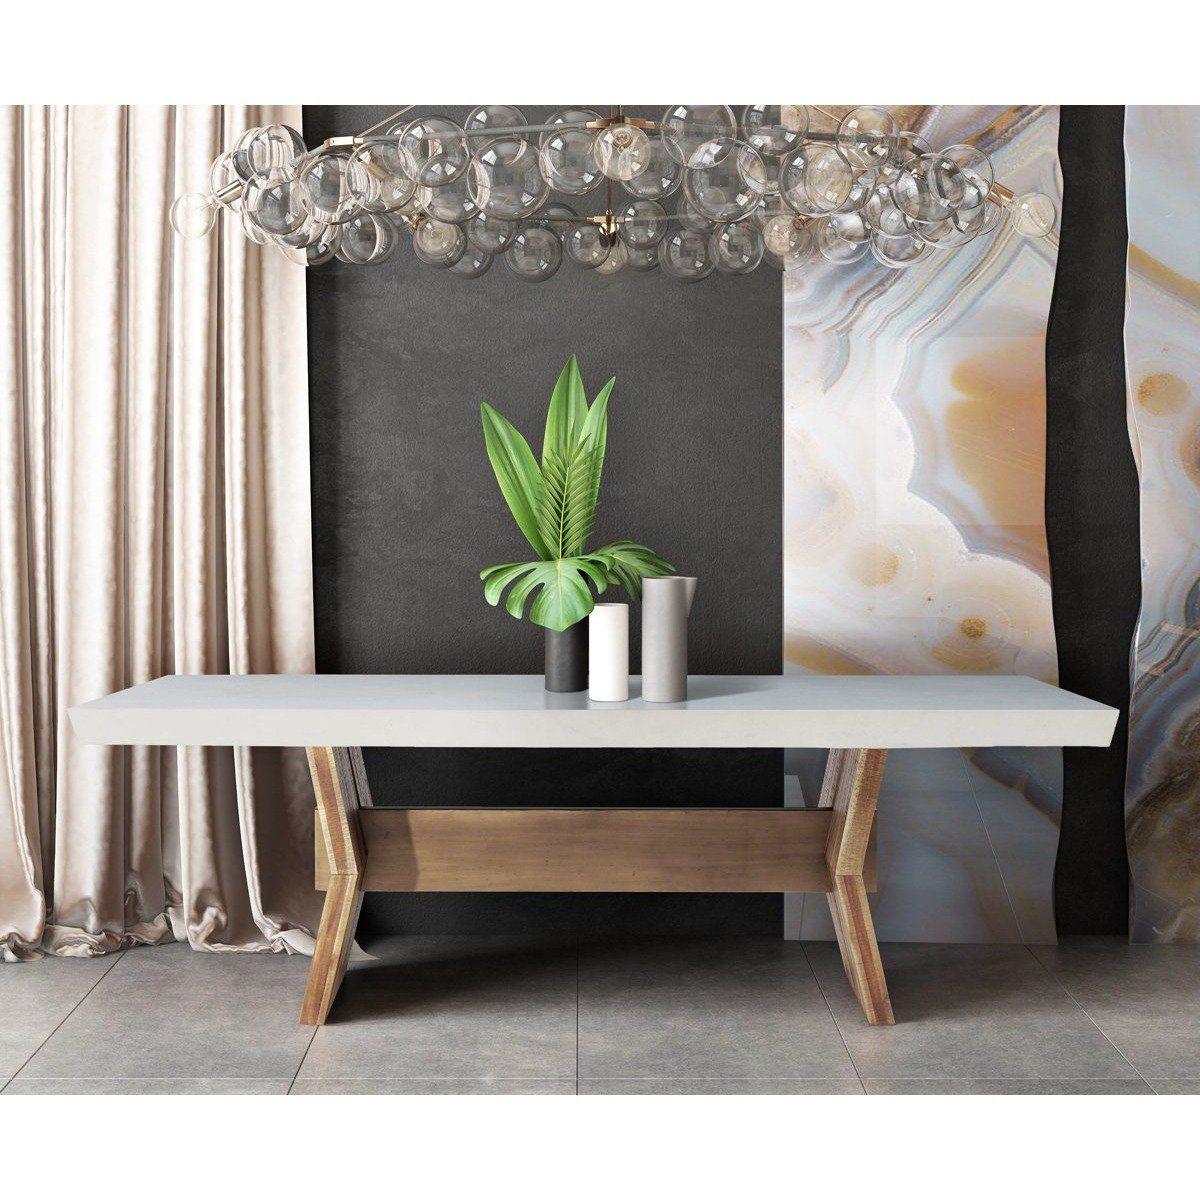 Tov Furniture Modern Astoria White Concrete Table Tov D7065 Concrete Dining Table Concrete Top Dining Table Dining Table In Kitchen